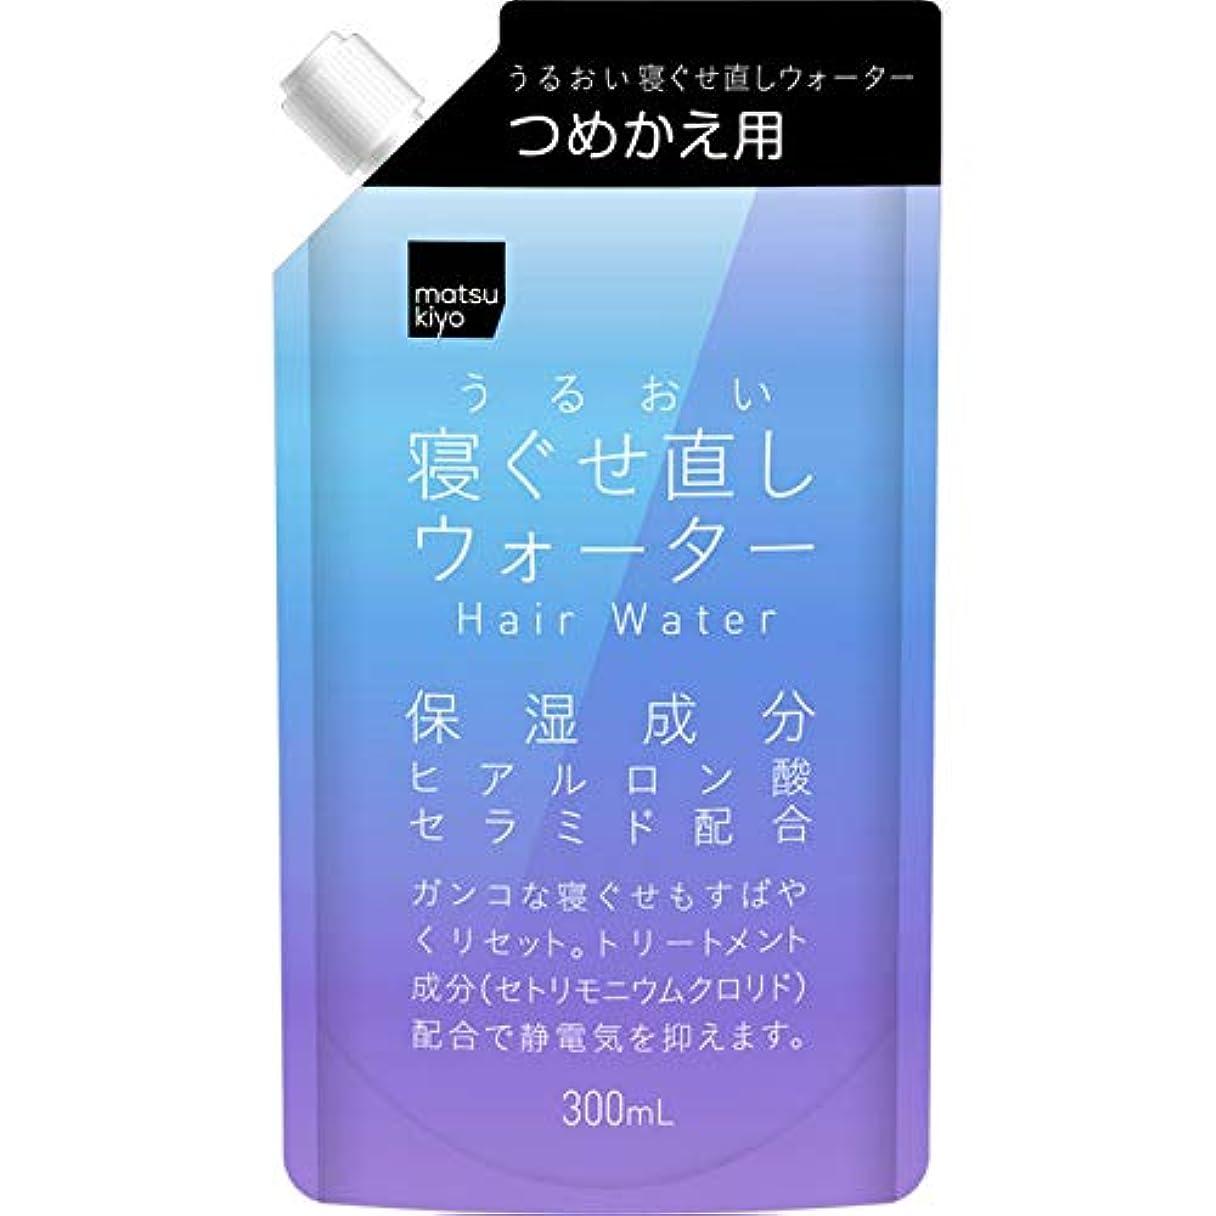 サスティーン見つけた腰matsukiyo アレンジプラス 寝ぐせ直しウォーター 300ml詰替